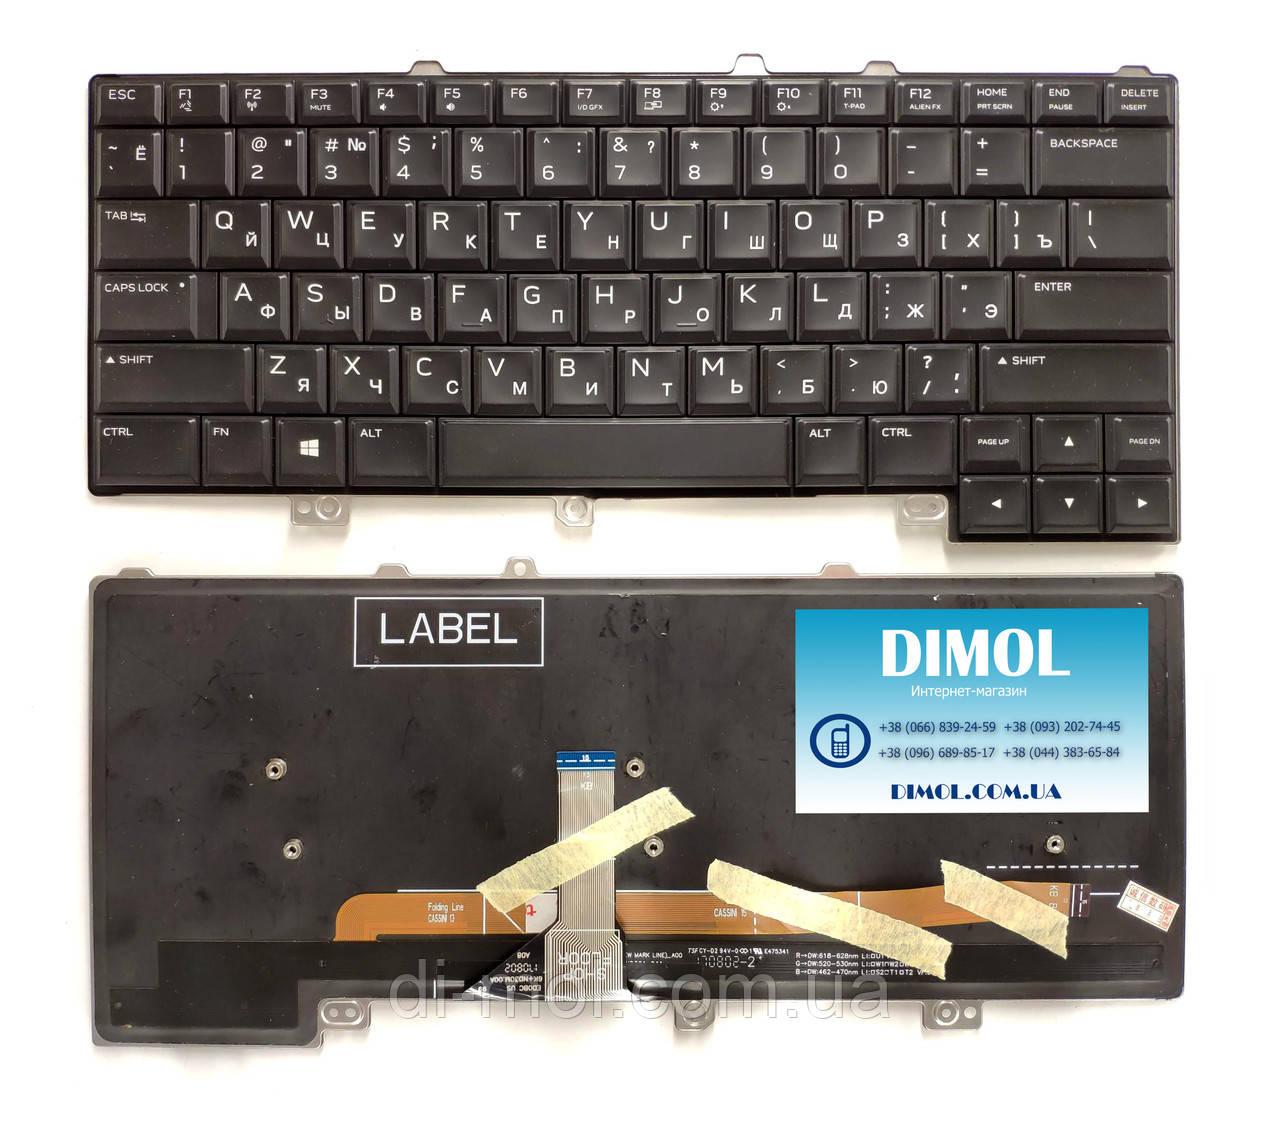 Оригінальна клавіатура для Dell Alienware 15 R3 series, ru, black, підсвітка